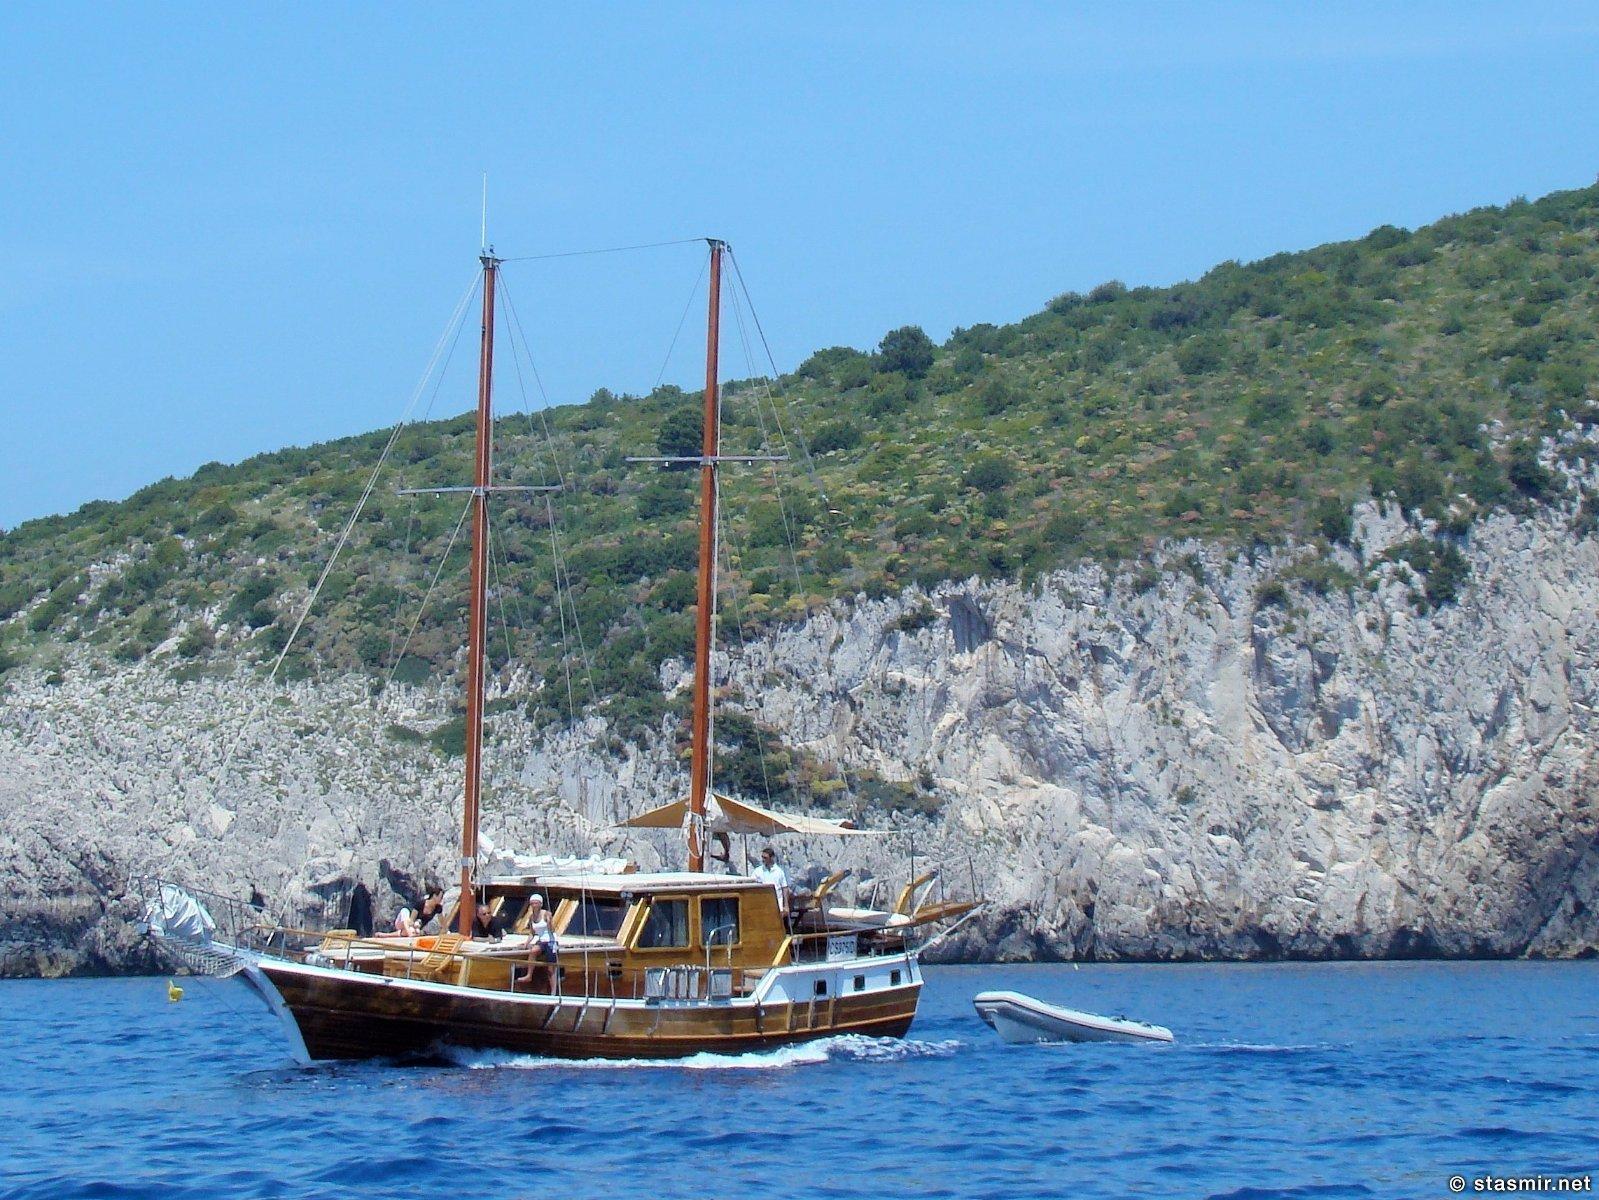 яхта Джека Николсона с йими самими на борту около Капри, фото Стасмир, Photo Stasmir